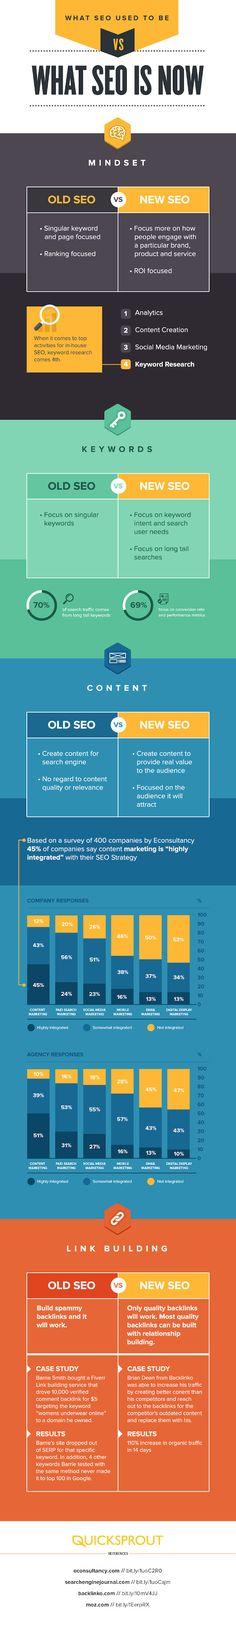 Infografik SEO alt vs neu by Quicksprout   Online Marketing News